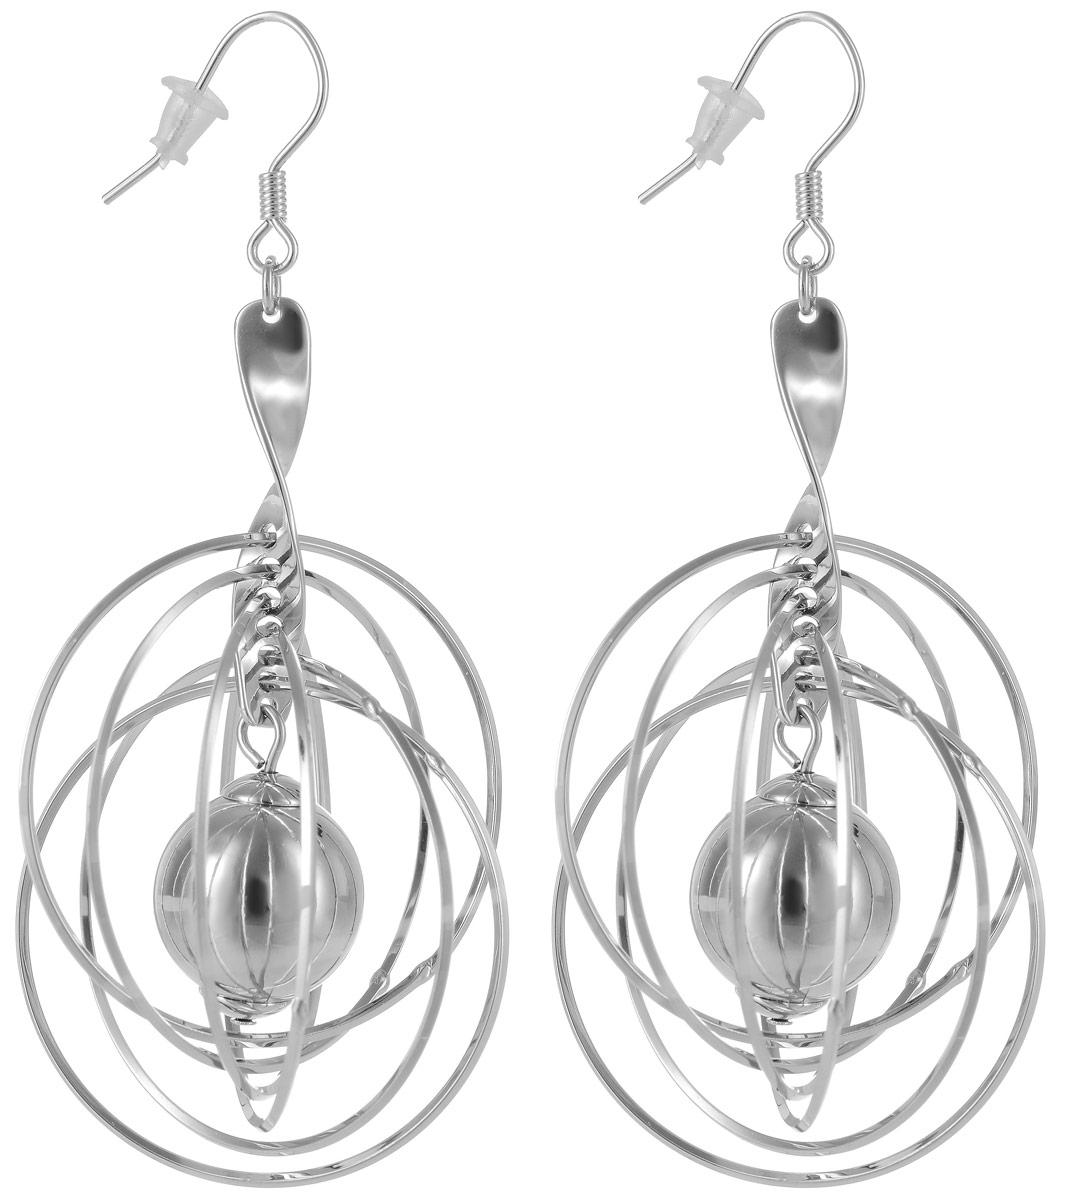 Серьги Art-Silver, цвет: серебряный. 18412-36518412-365Стильные серьги Selena выполнены из латуни с гальваническим покрытием. Серьги оформлены оригинальными декоративными подвесками. Серьги выполнены с замком-петлей. Такие серьги будут ярким дополнением вашего образа.